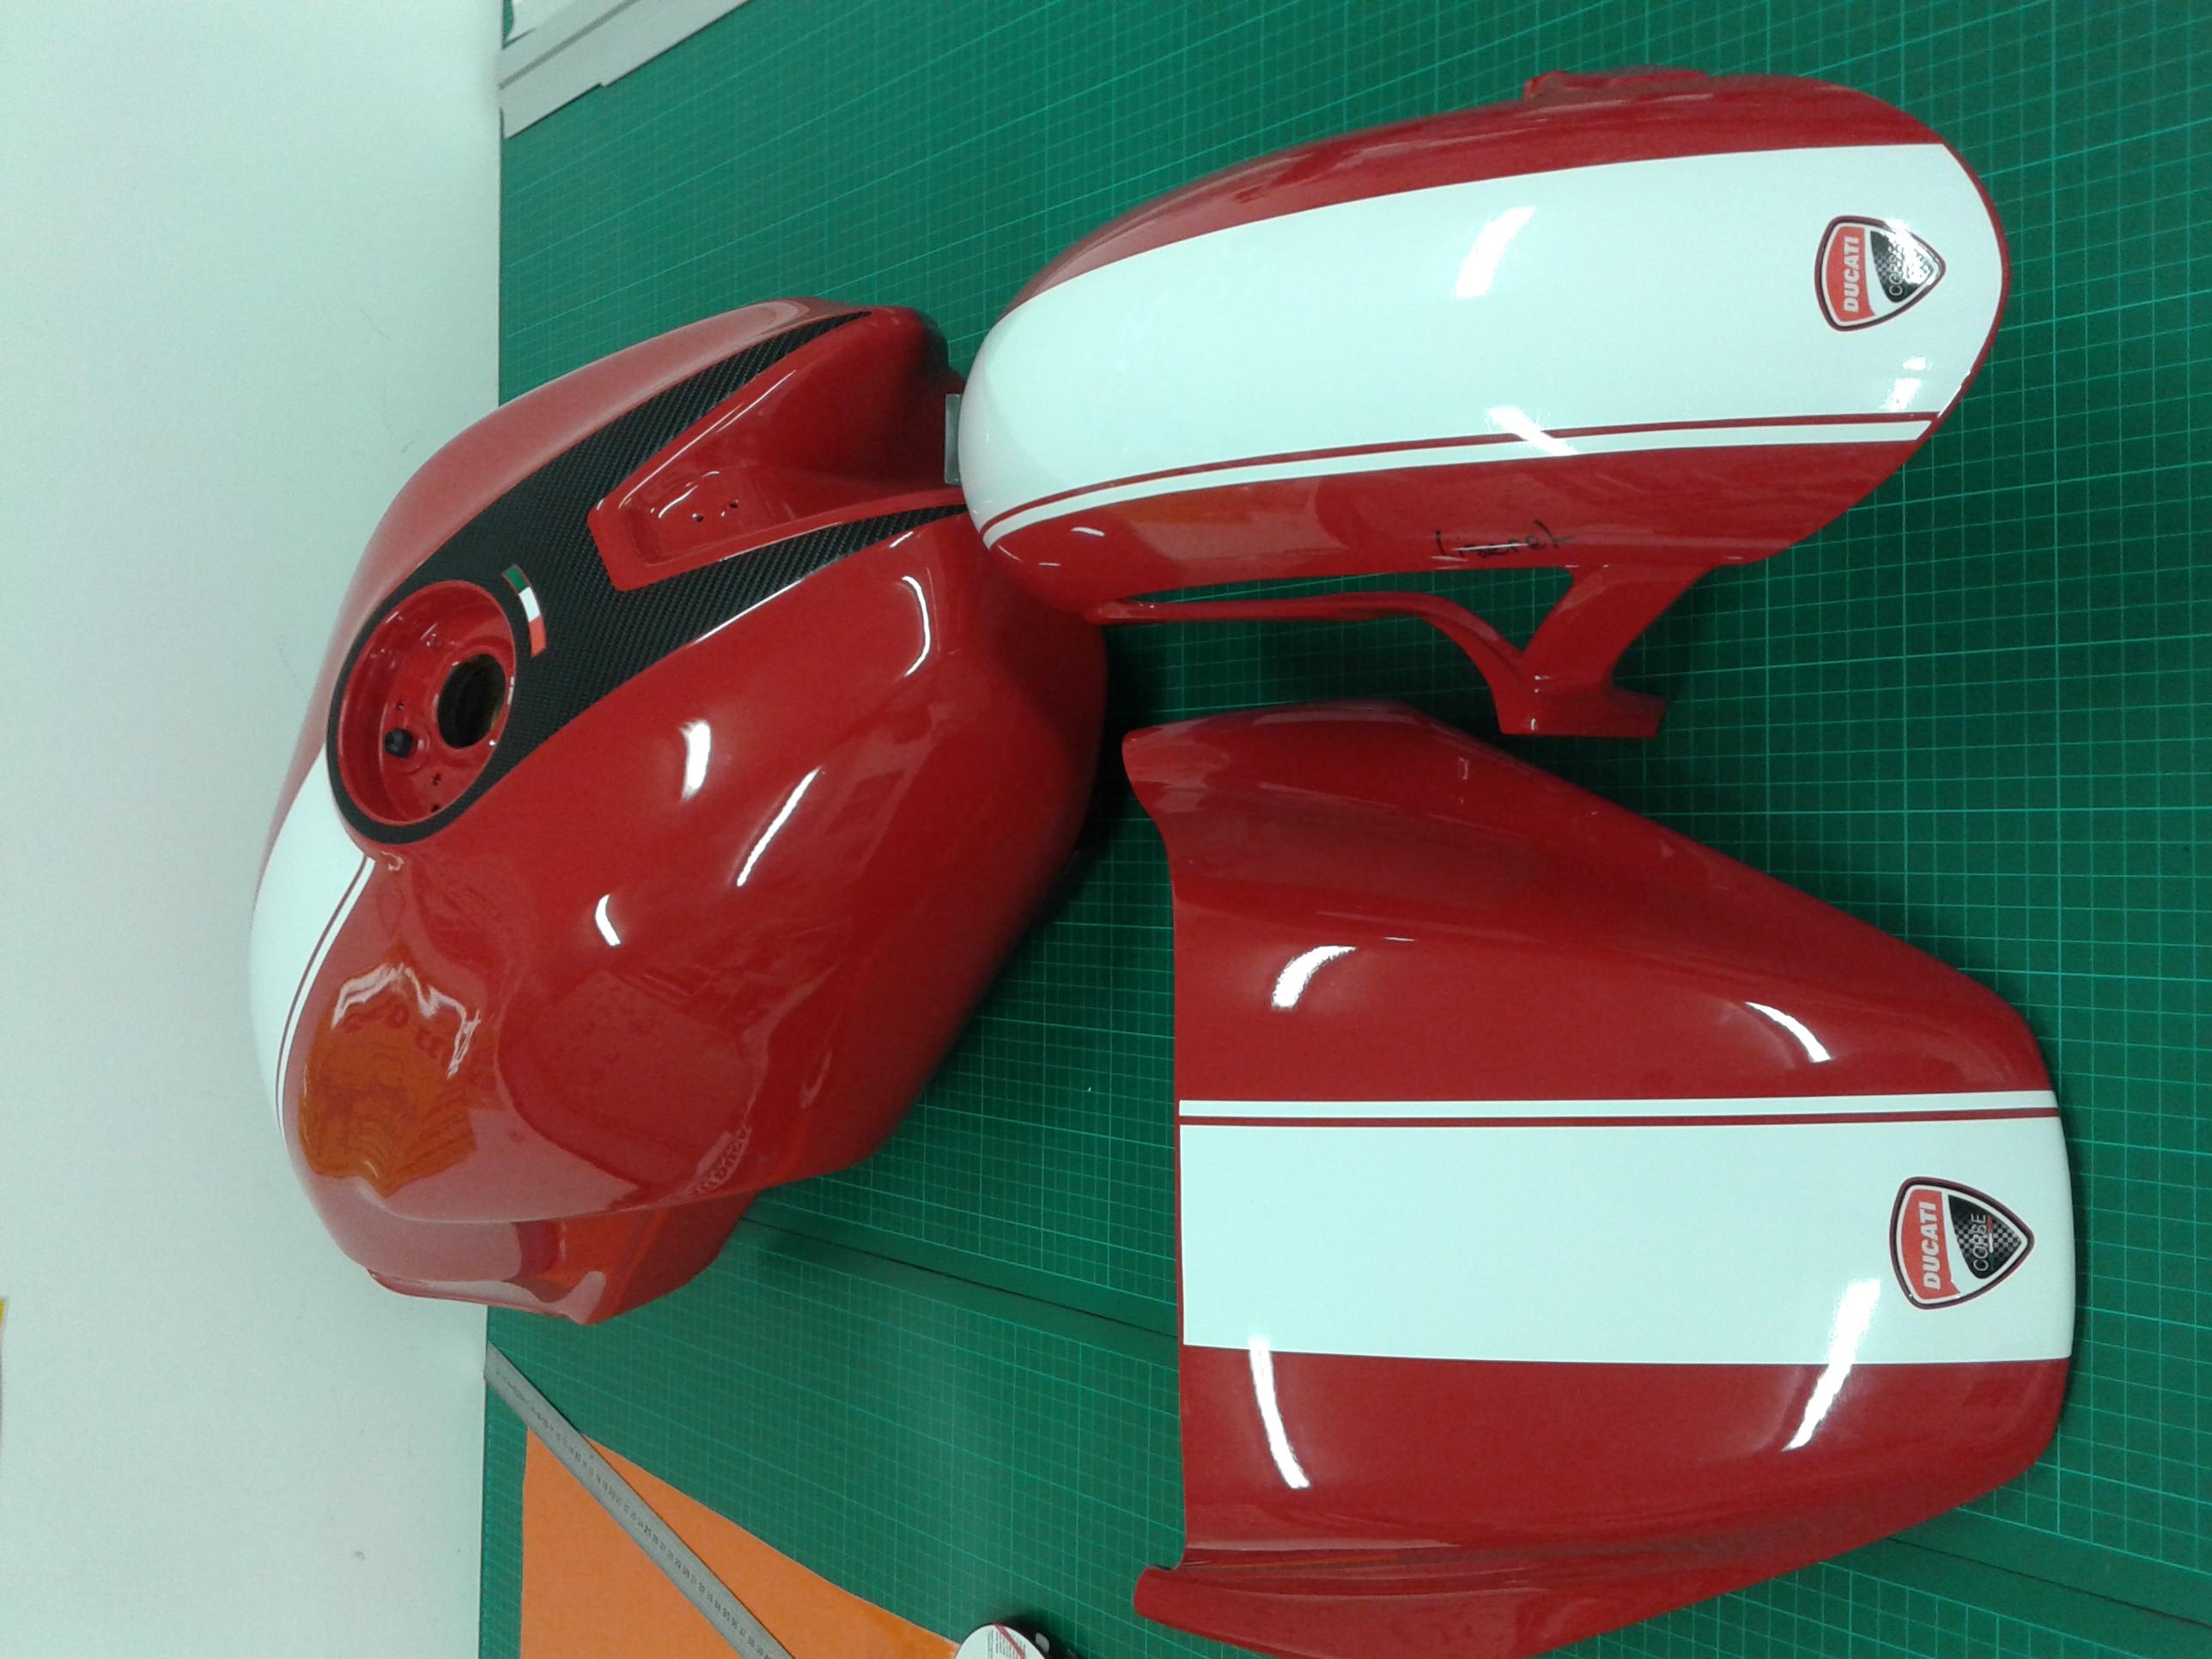 déco réservoir Ducati